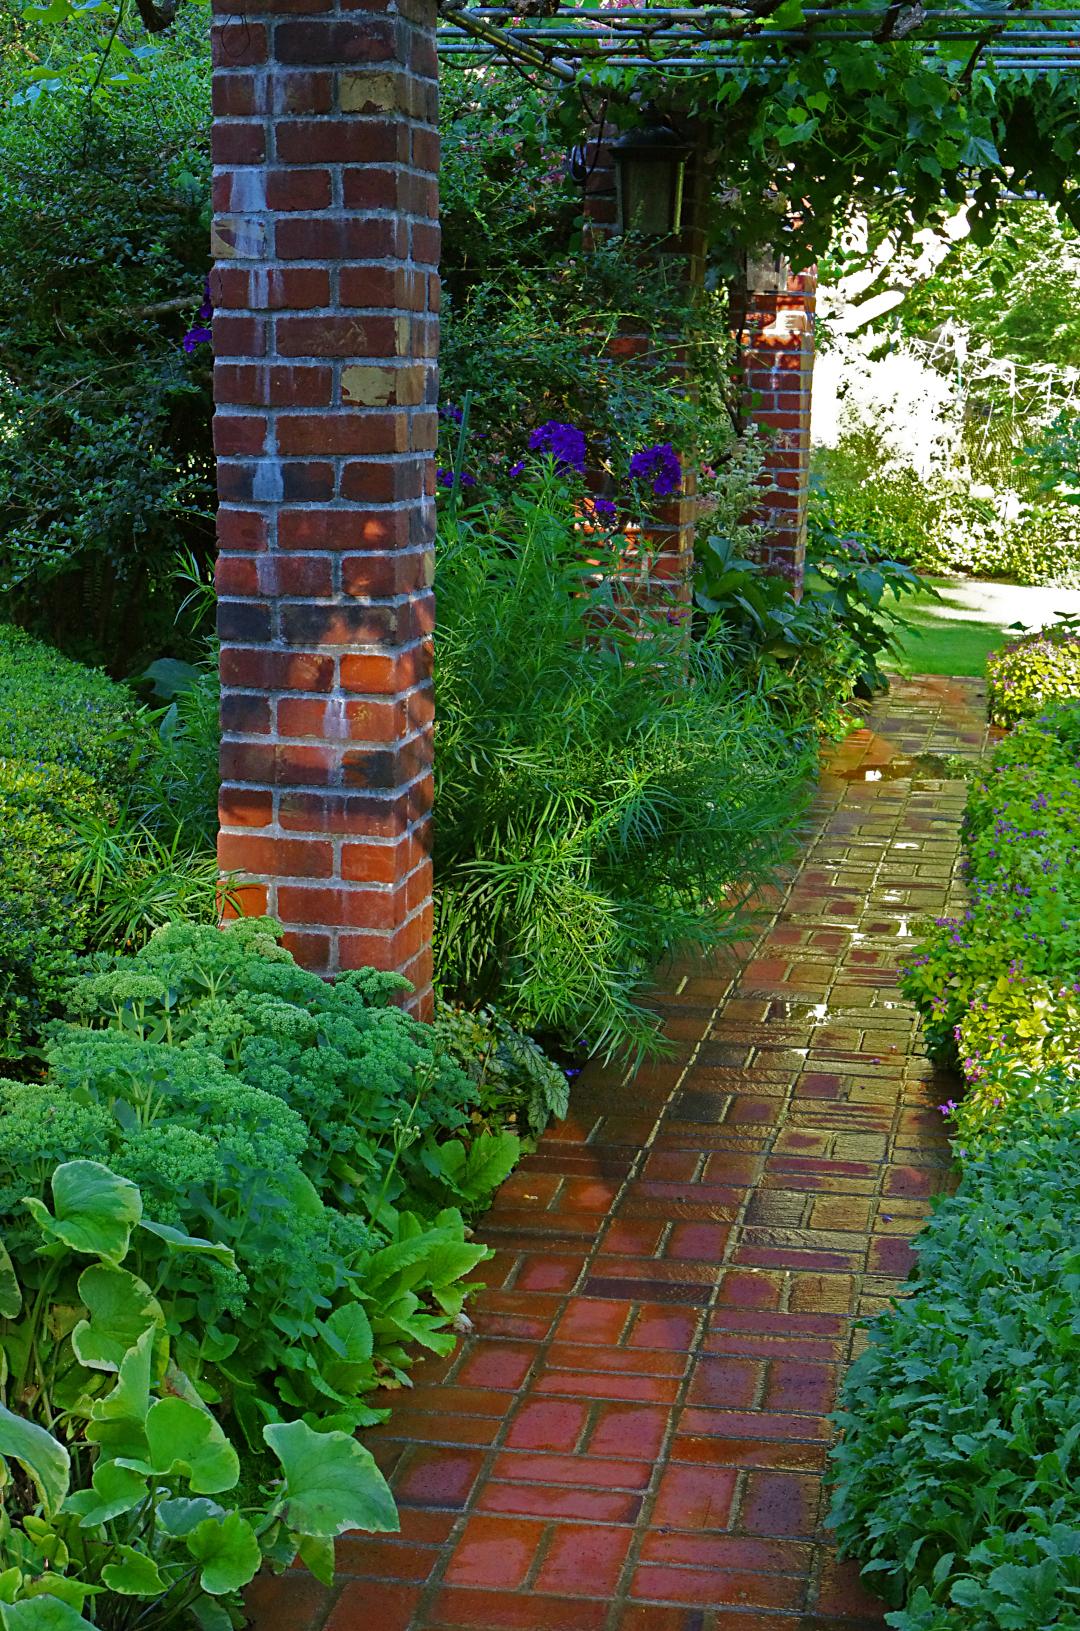 brick path in the garden